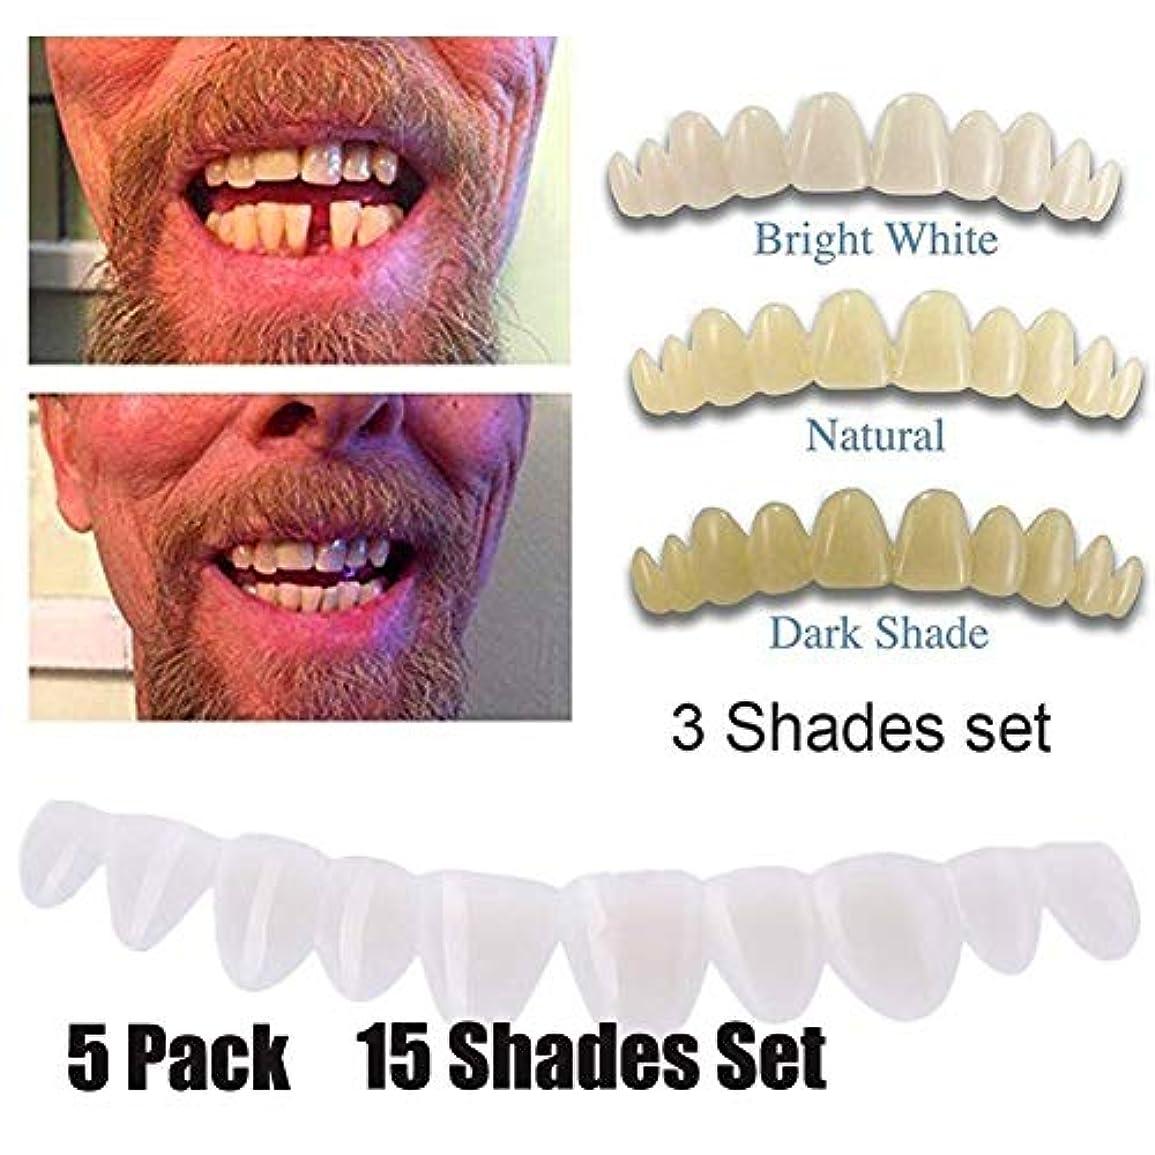 名誉顔料バトル5パックインスタントスマイルテンポラリートゥースキット3色付き欠けているか壊れている歯の修正が数分以内にあなたの笑顔を直します